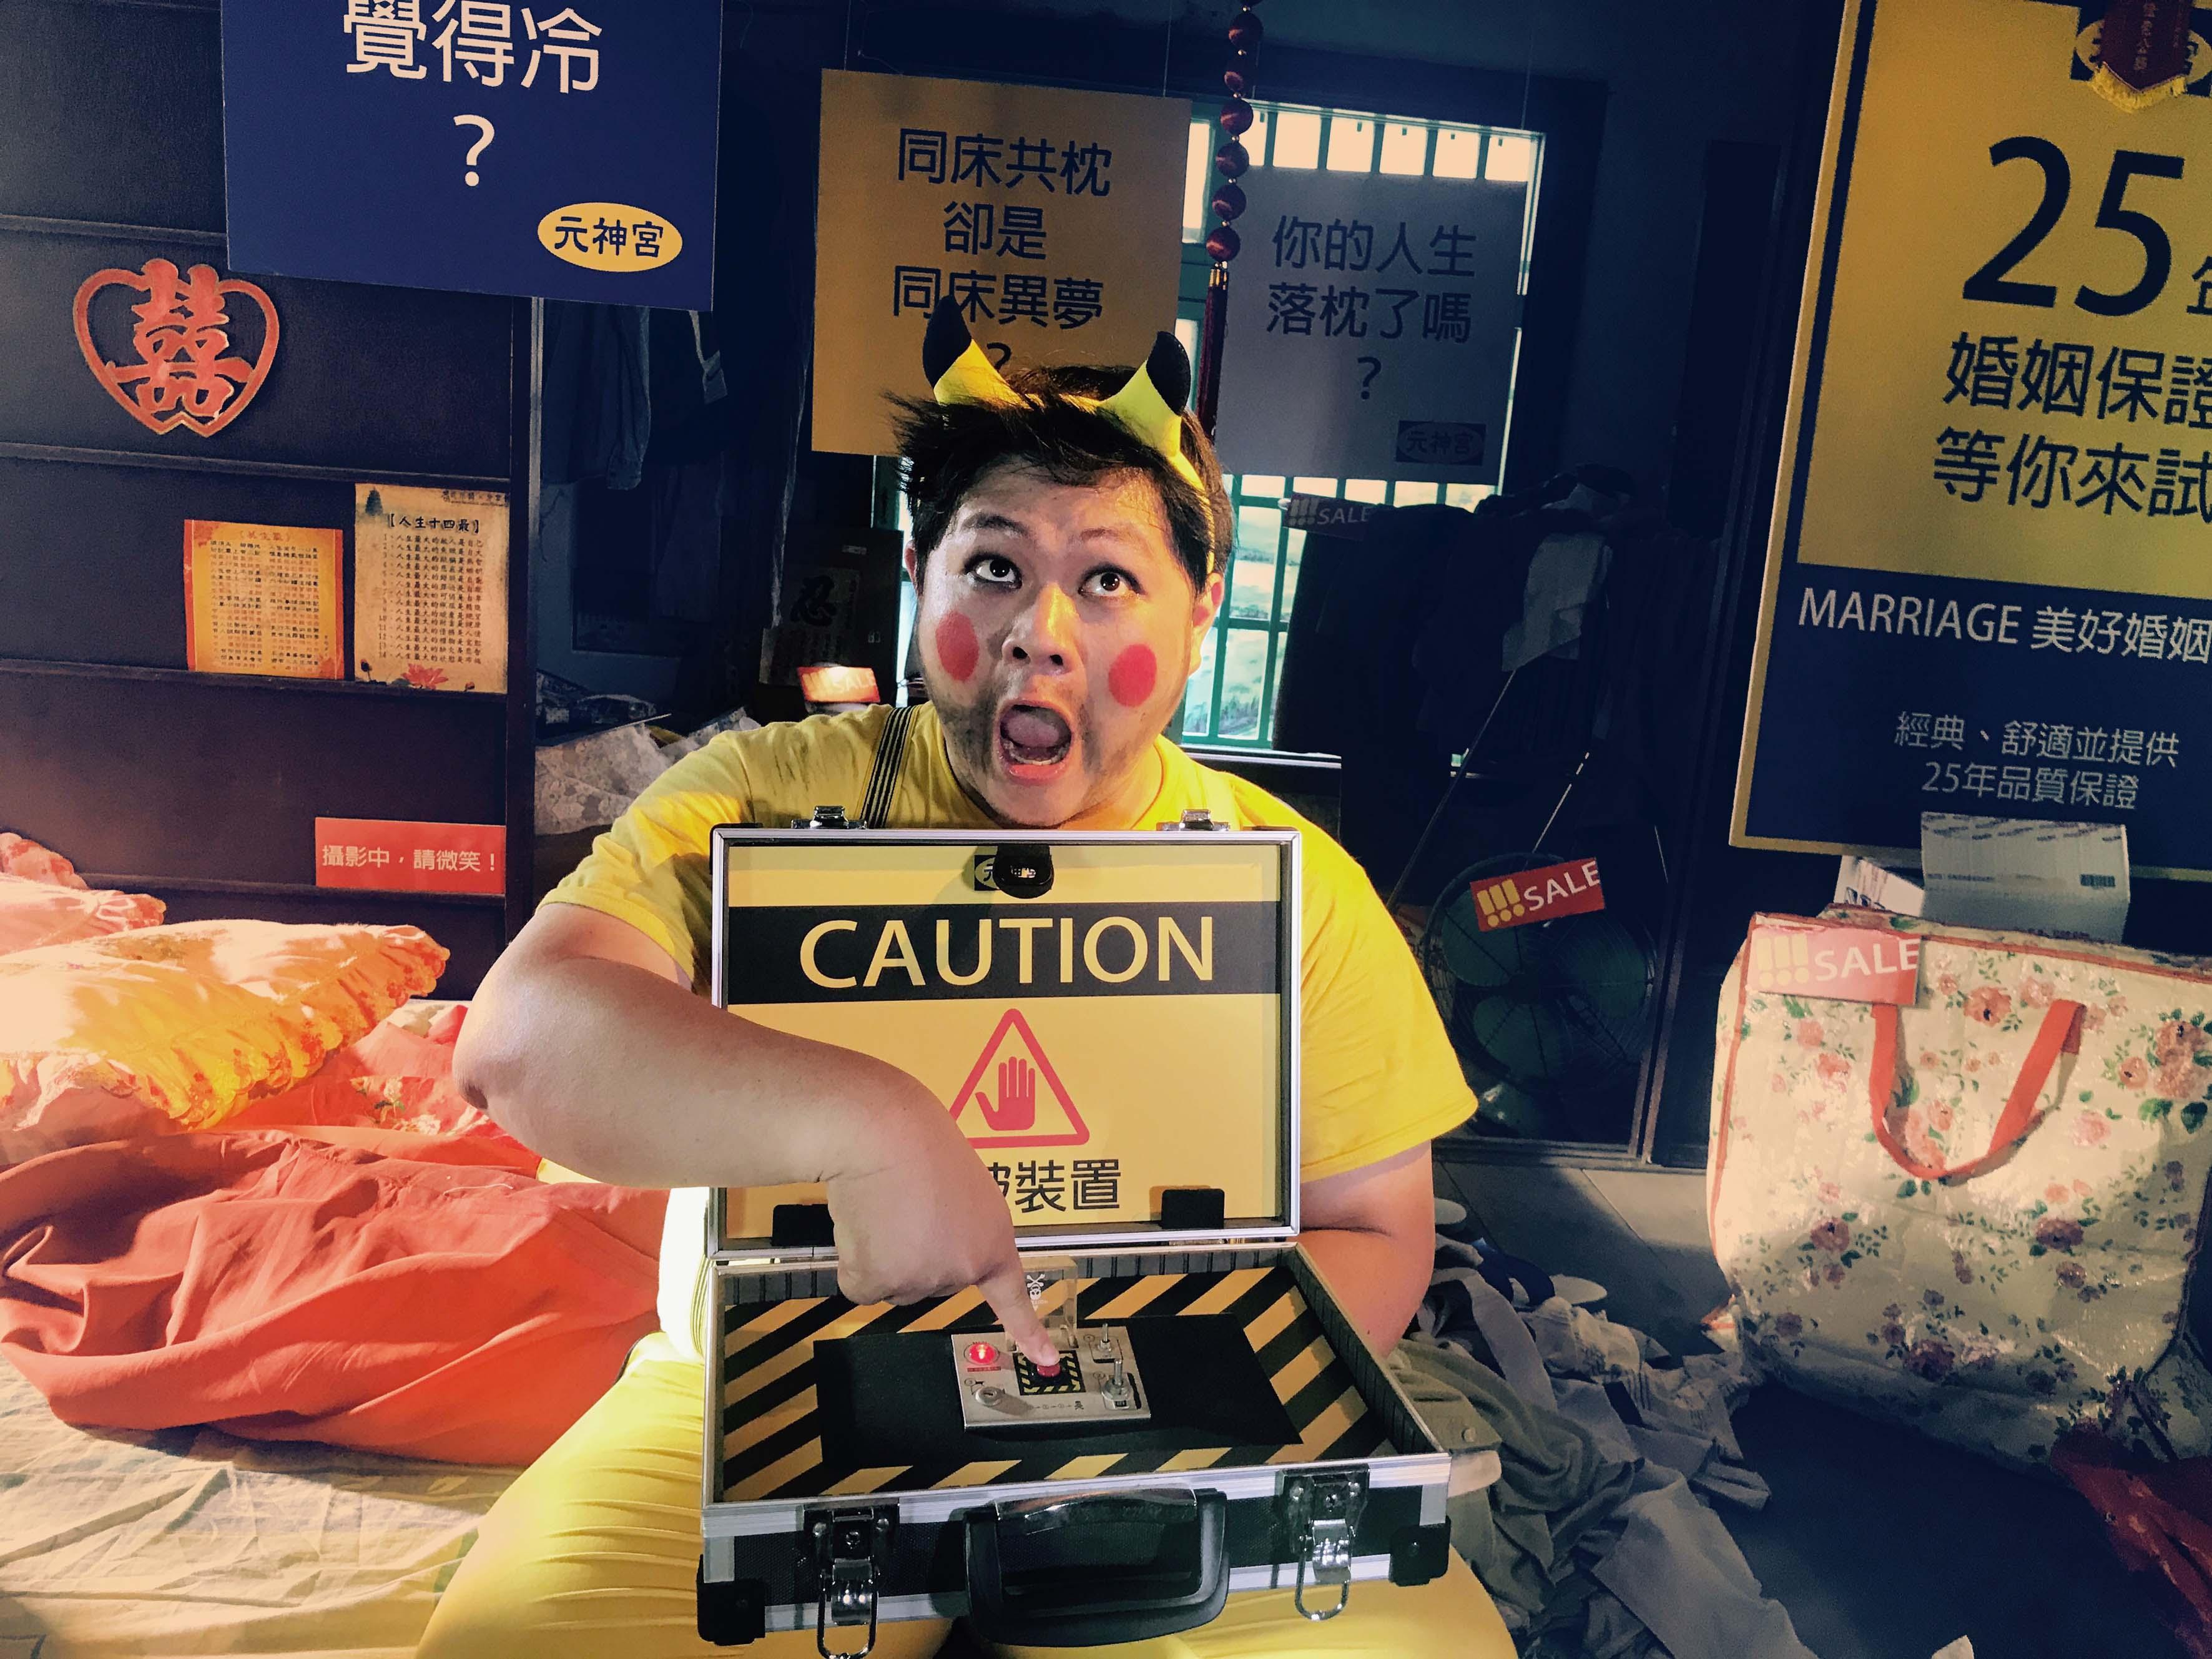 台灣VR影片國際矚目 坎城市場展吸引各國買家一探究竟 原住民音樂結合VR互動影片《Oli邊境》 驚艷各國影展選片人 Ezouao12